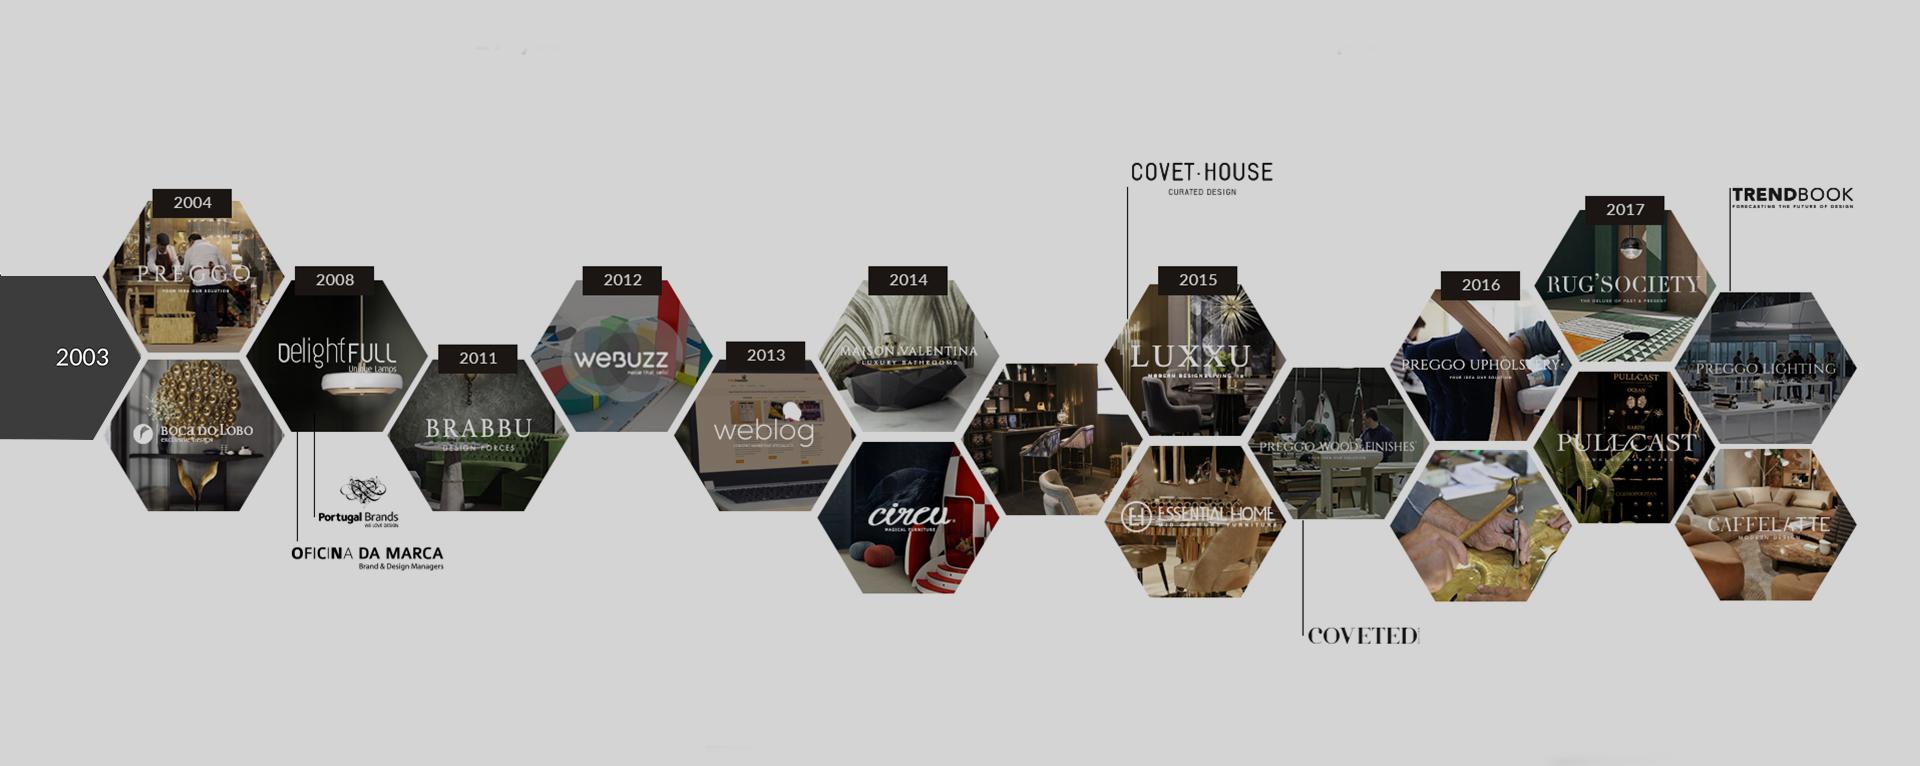 Timeline Covet House